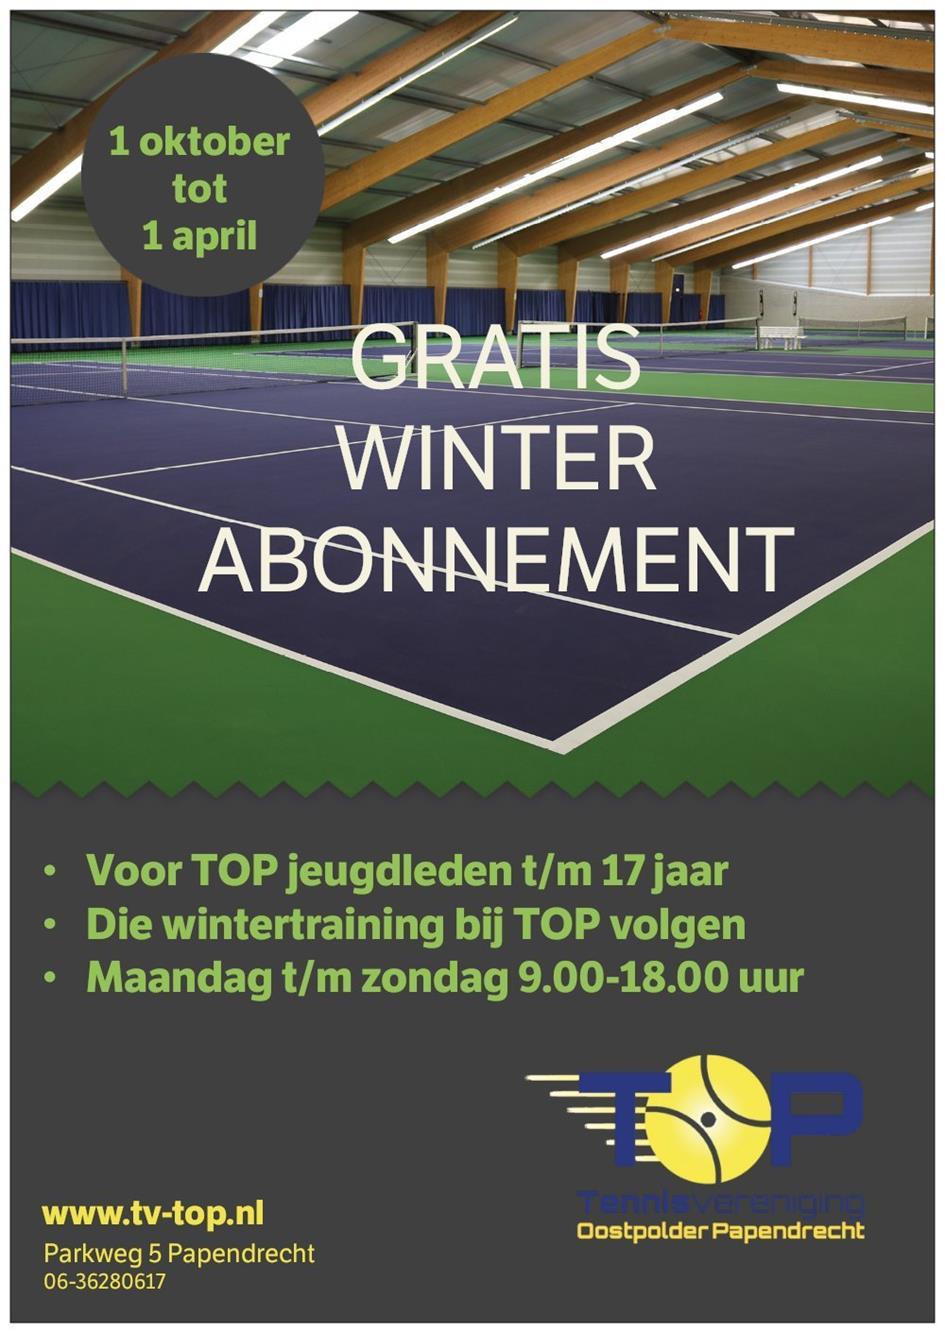 Gratis Winterabonnement TOP.jpg